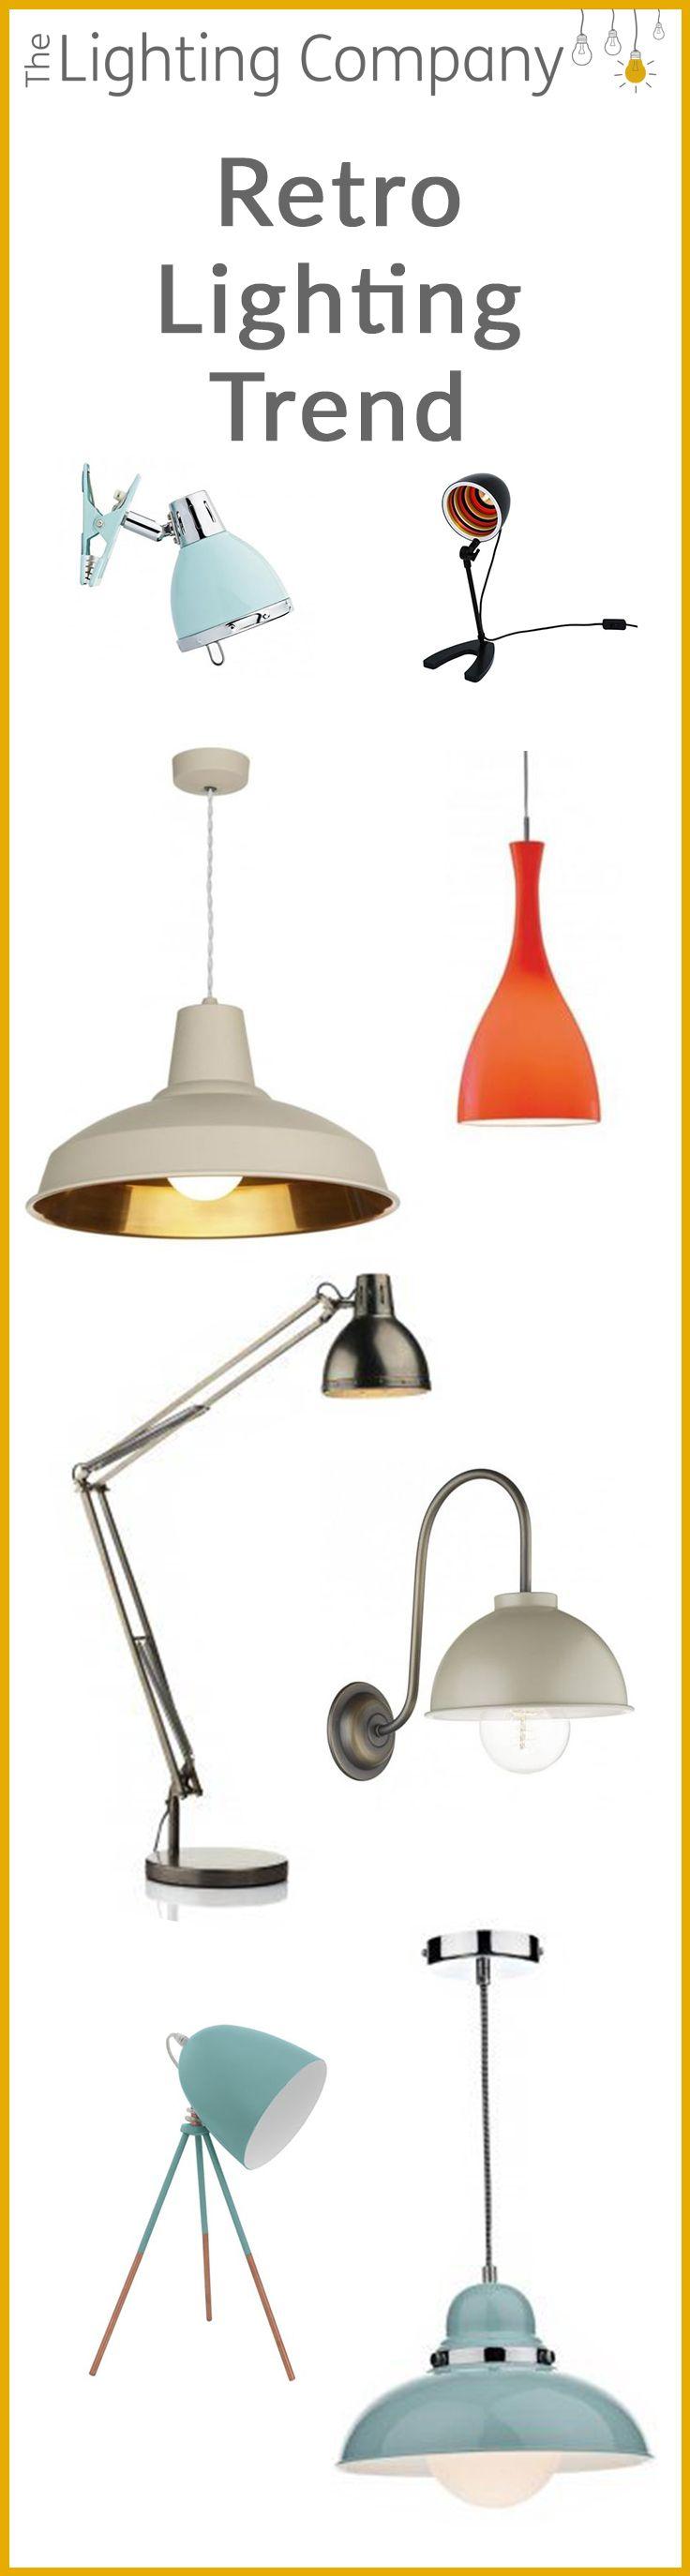 c341e5fa0af01b6259cc3d10a5f6c082 Wunderbar Led Lampen E14 Warmweiß Dekorationen